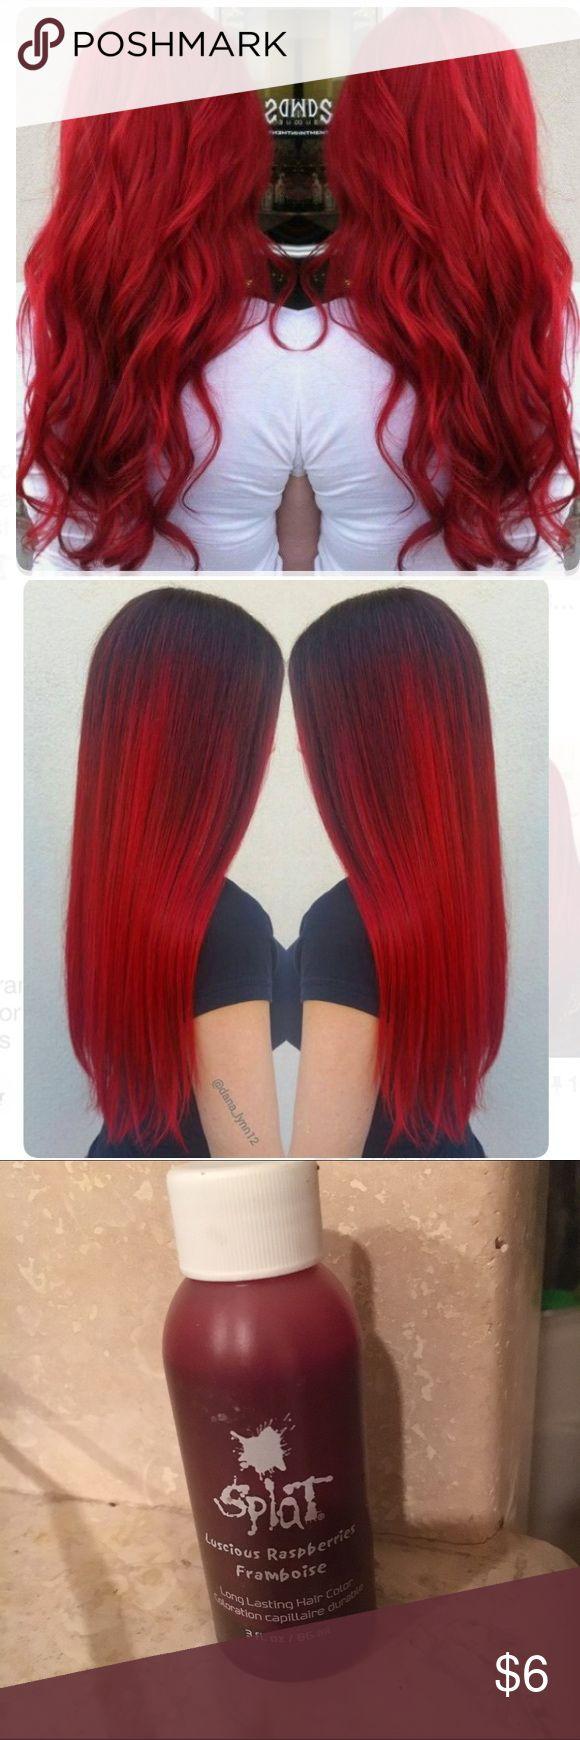 Splat red hair dye Bright red Ariel mermaid hair color. Lasts months! splat  Accessories Hair Accessories                                                                                                                                                                                 Más